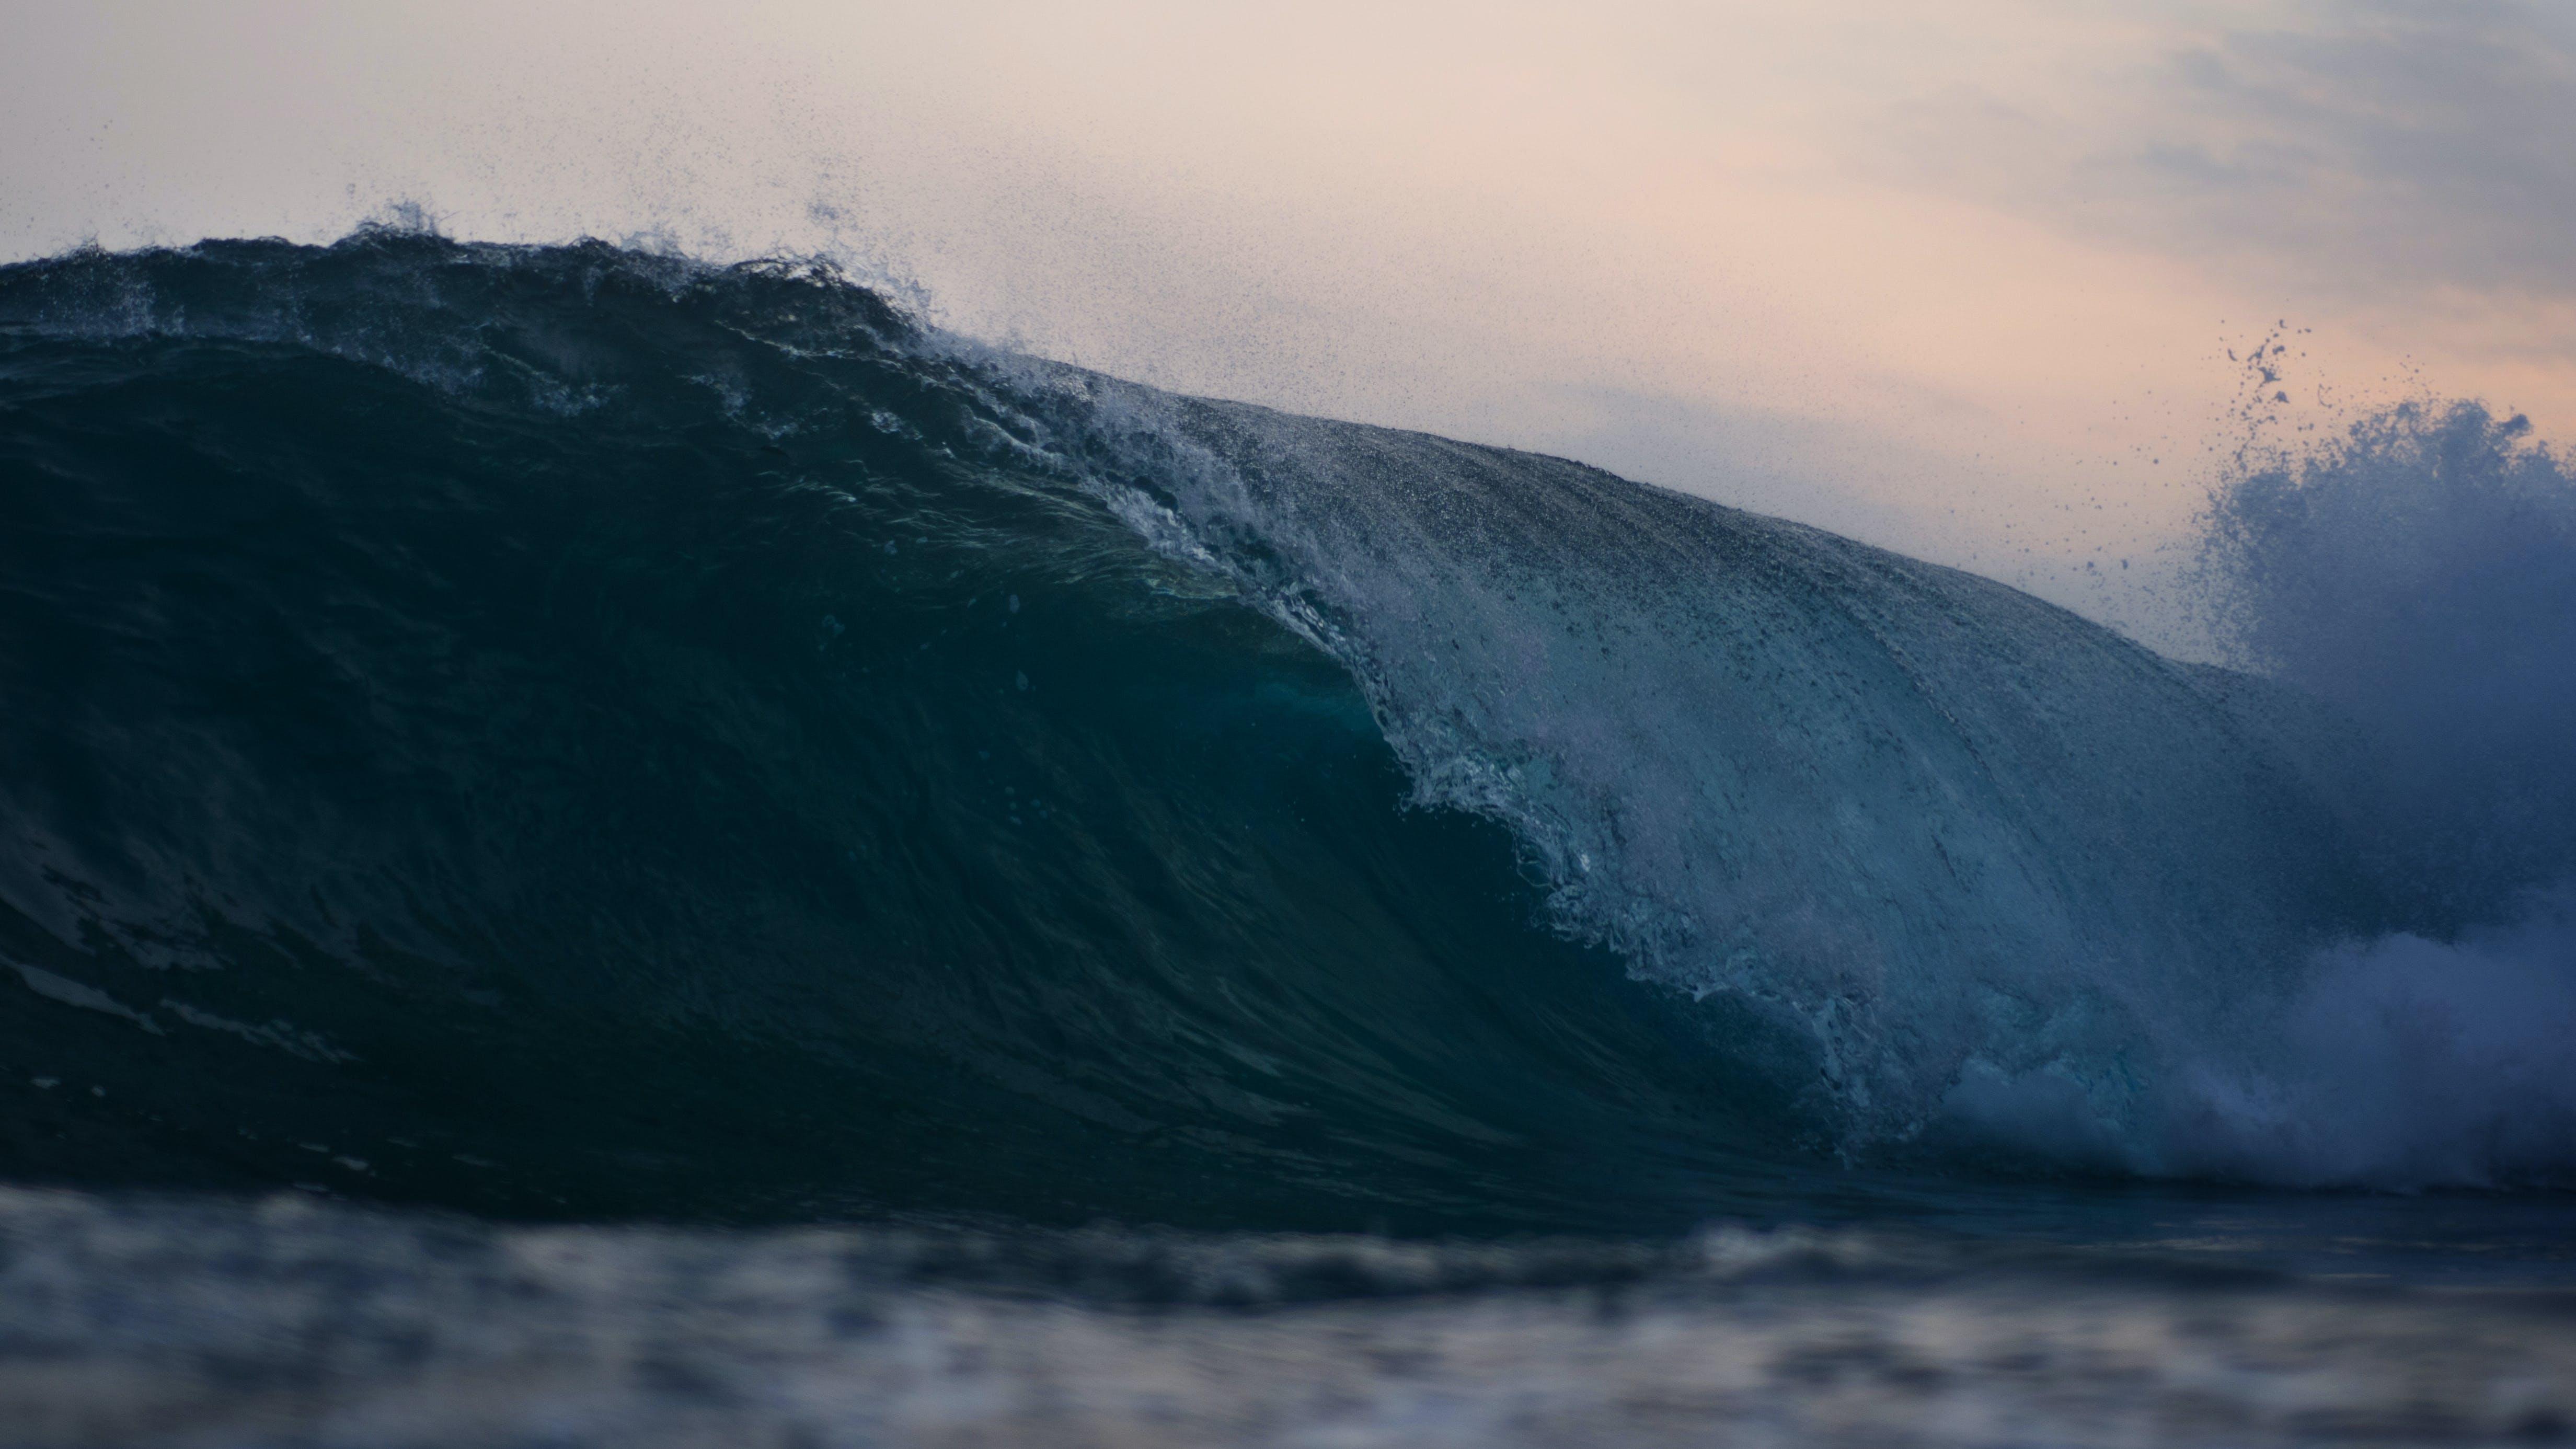 Fotos de stock gratuitas de amanecer, cuerpo de agua, dice adiós, hacer surf